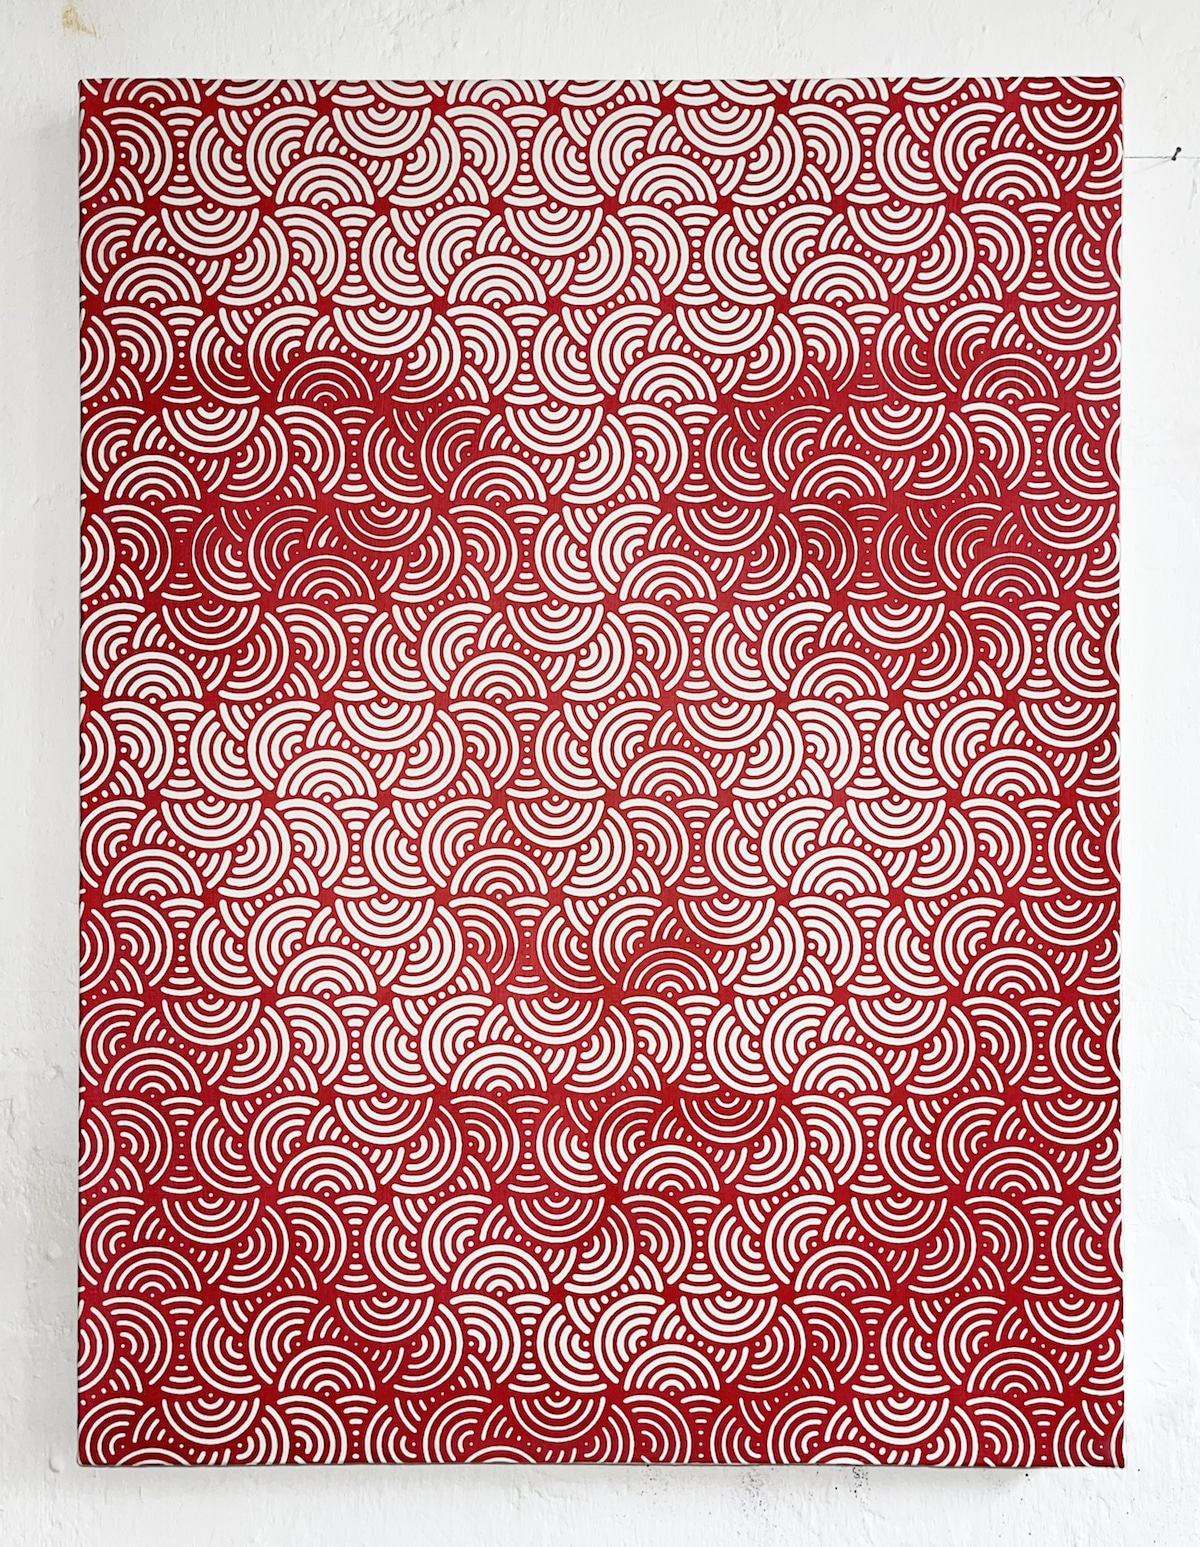 Гипнотические абстрактные картины с лицами